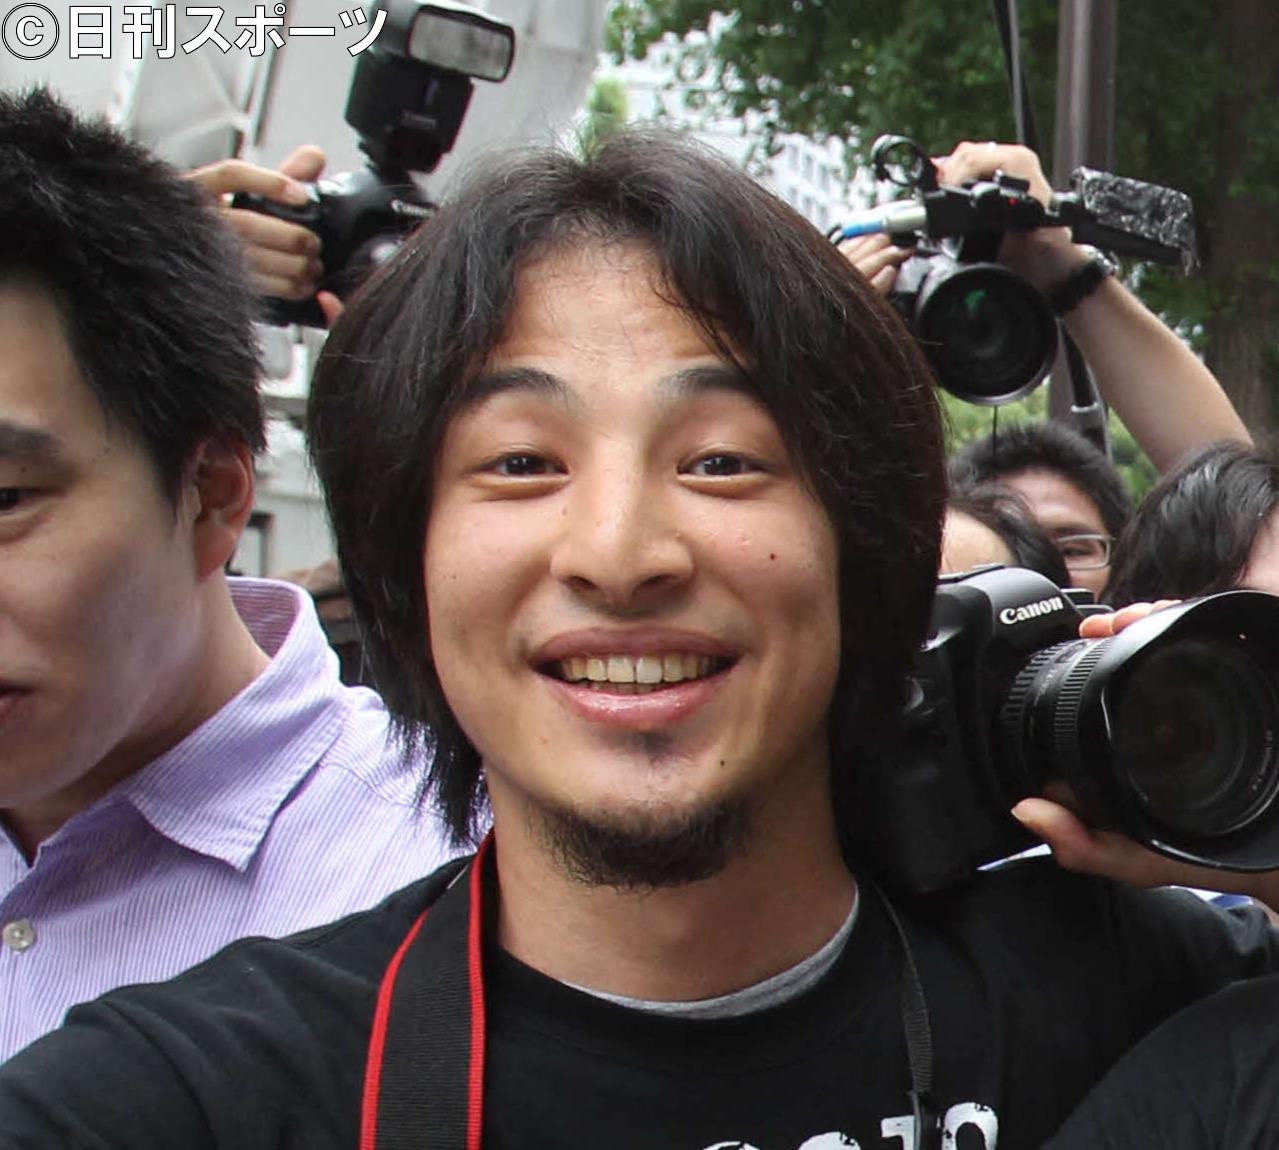 ひろゆき氏(2011年6月撮影)